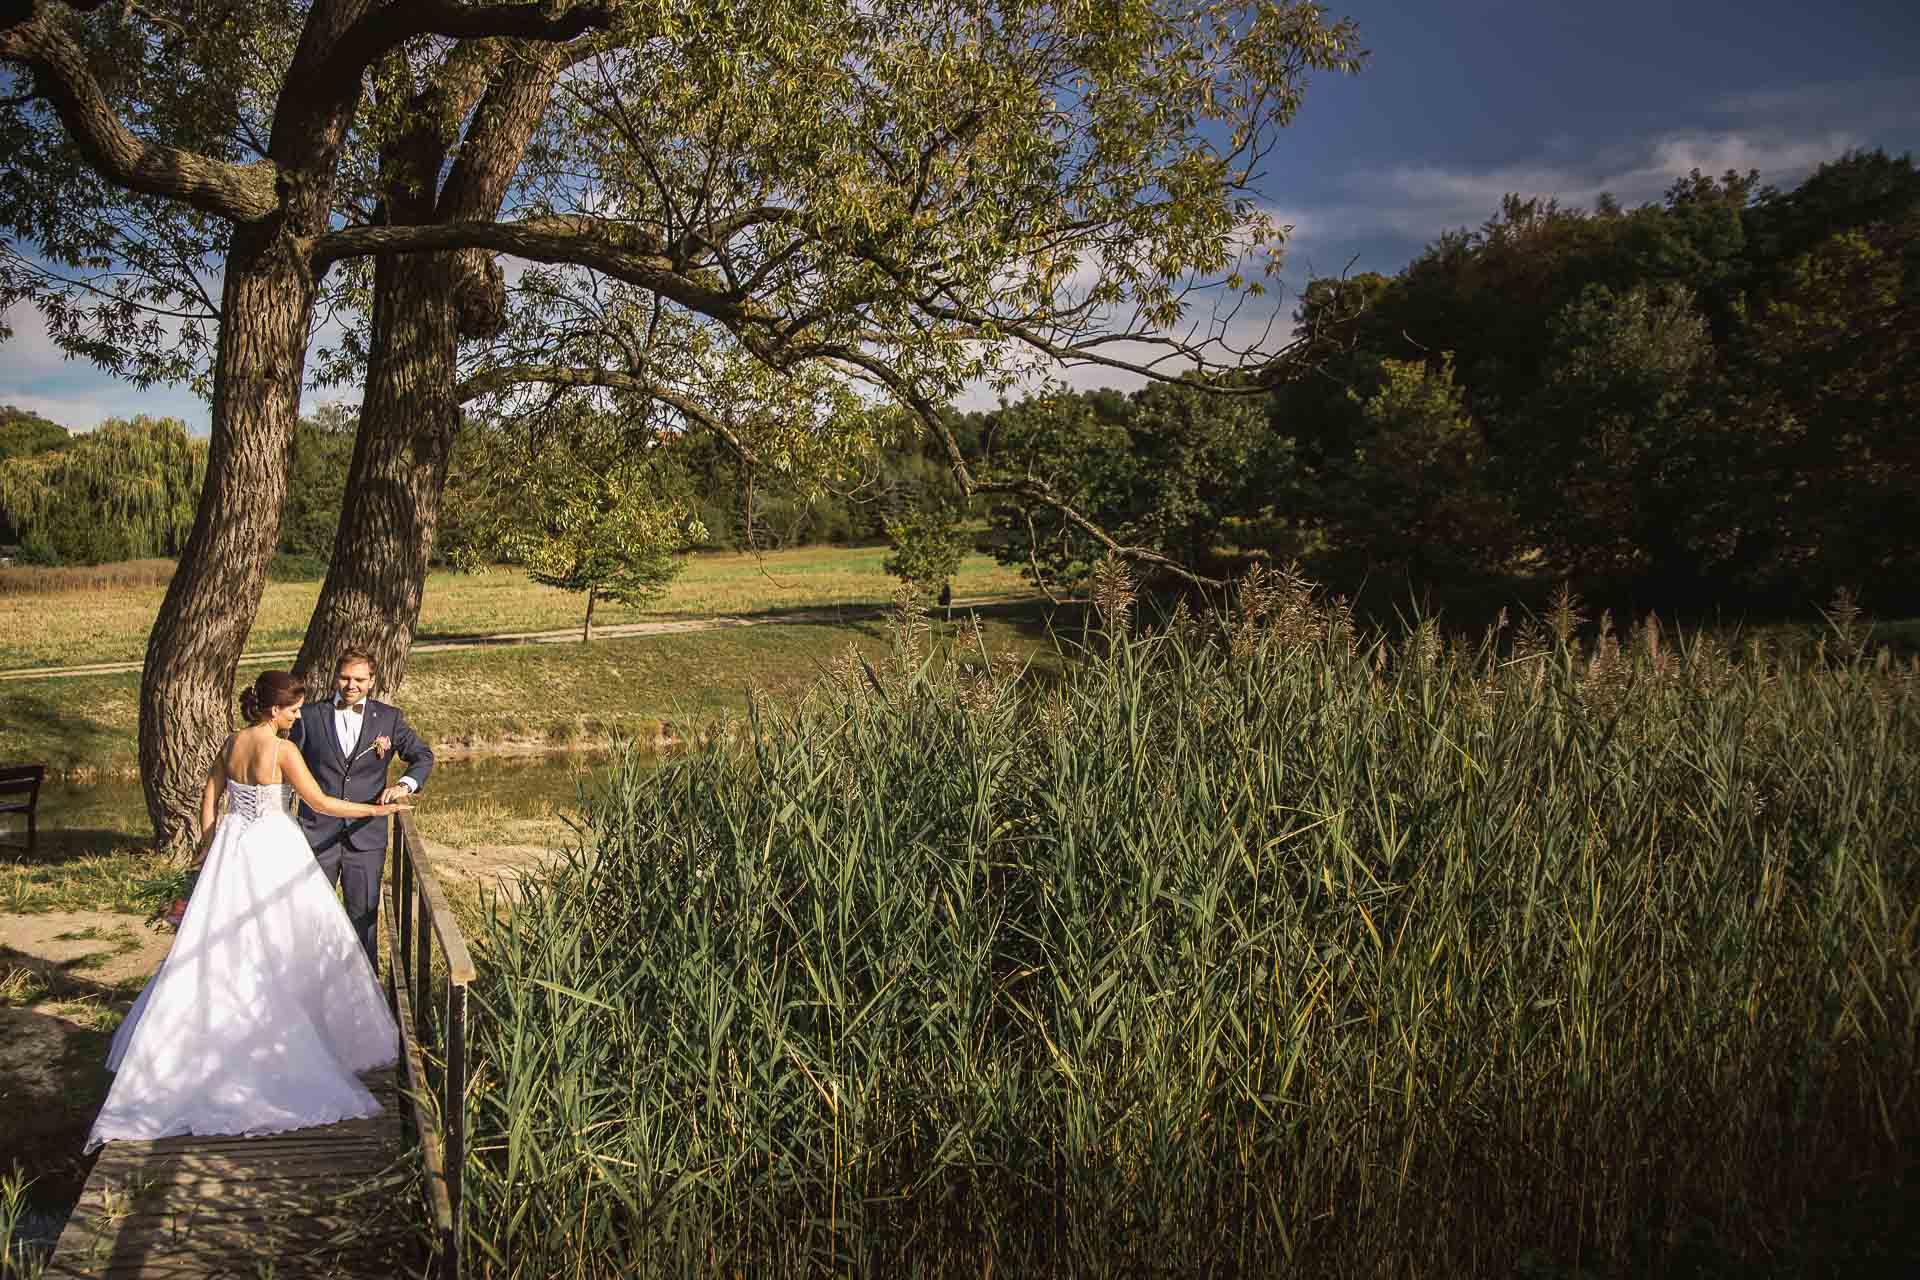 svatební-fotografie-Říp-svatební-video-ŘÍP-svatební-fotograf-ŘÍP-svatba-Mělník-svatba-Neratovice-fotograf-na-savtbu-kameraman-na-svatbu-370